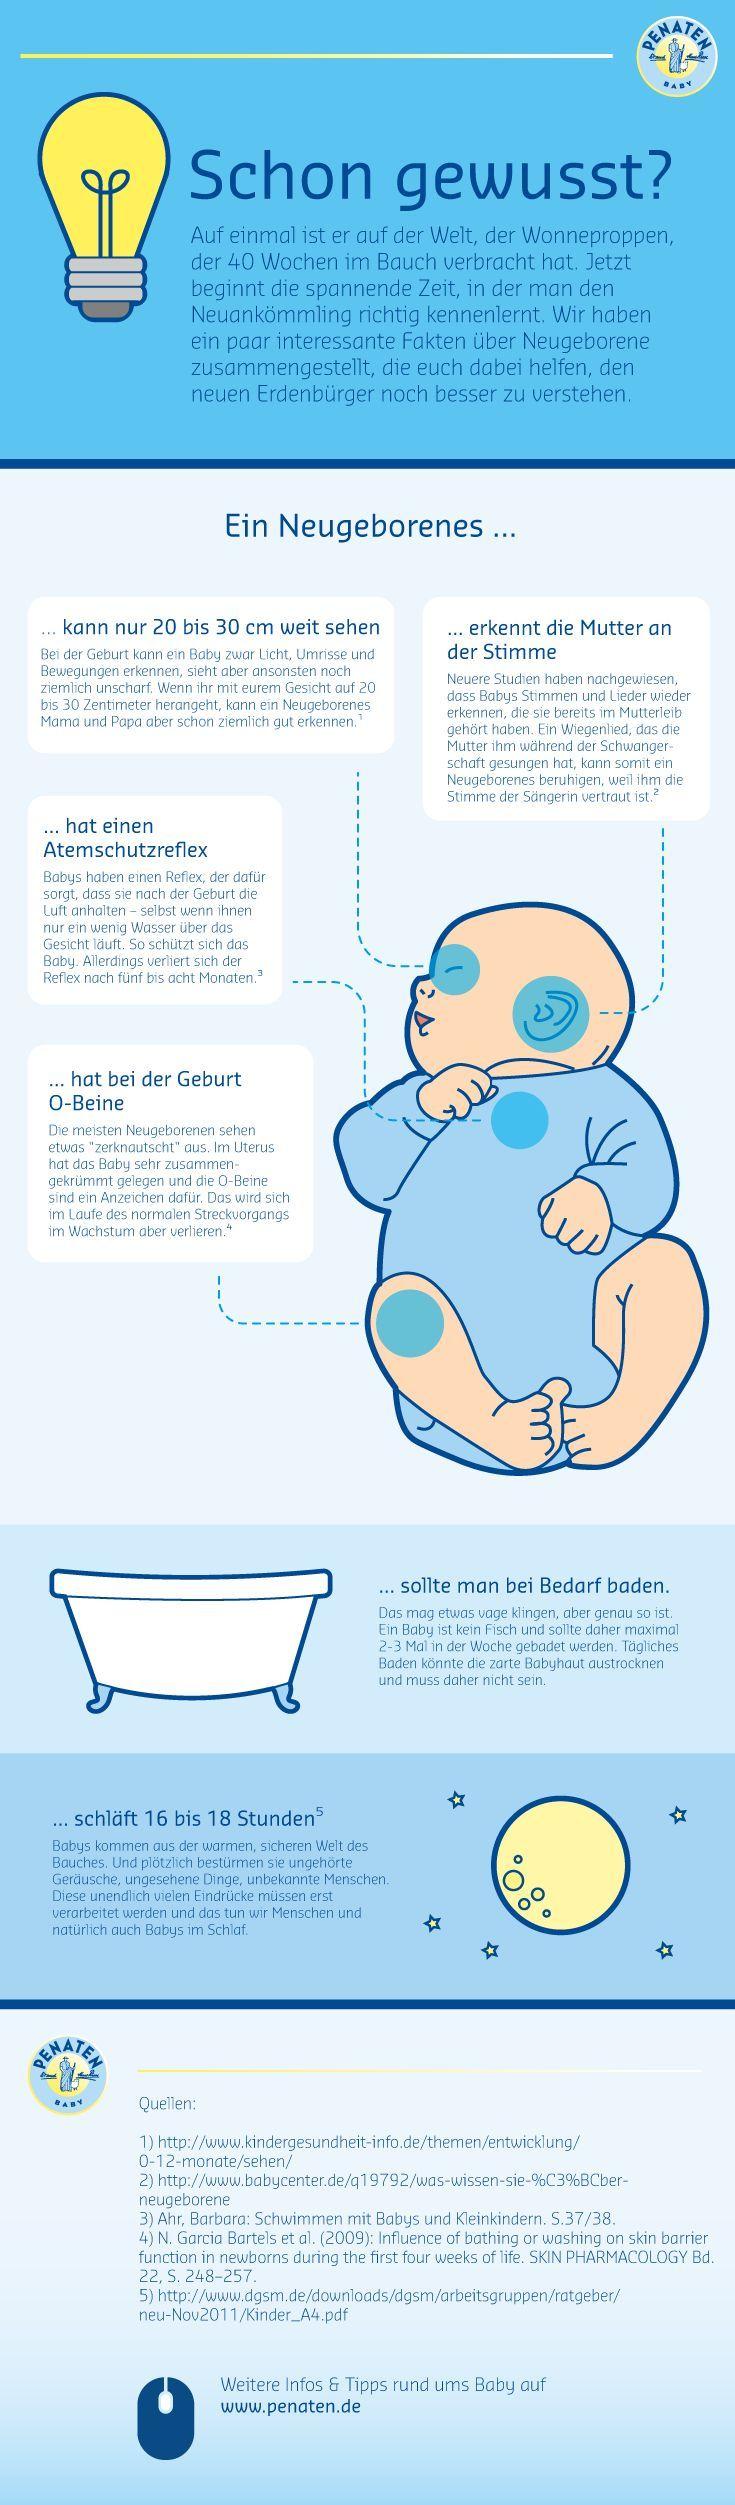 Wir haben ein paar interessante Fakten über Neugeborene zusammengestellt, die – FİTNESS WORKOUTS